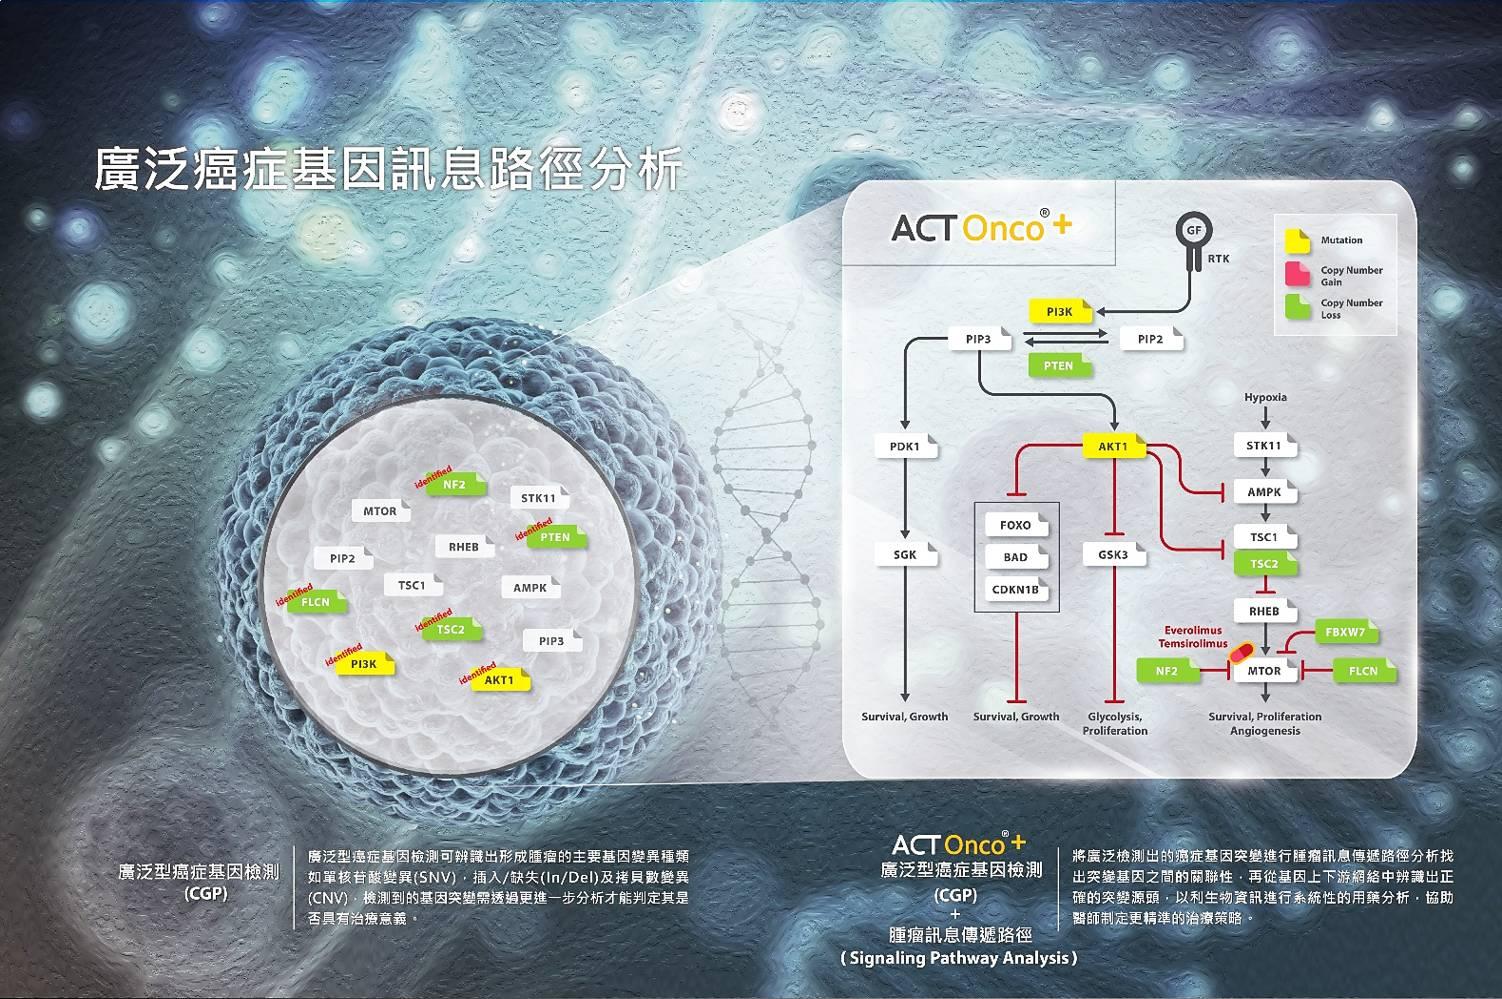 廣泛型癌症基因檢測(GCP)能廣泛地偵測癌症基因的突變訊息,獲得更完整的腫瘤基因突變資訊